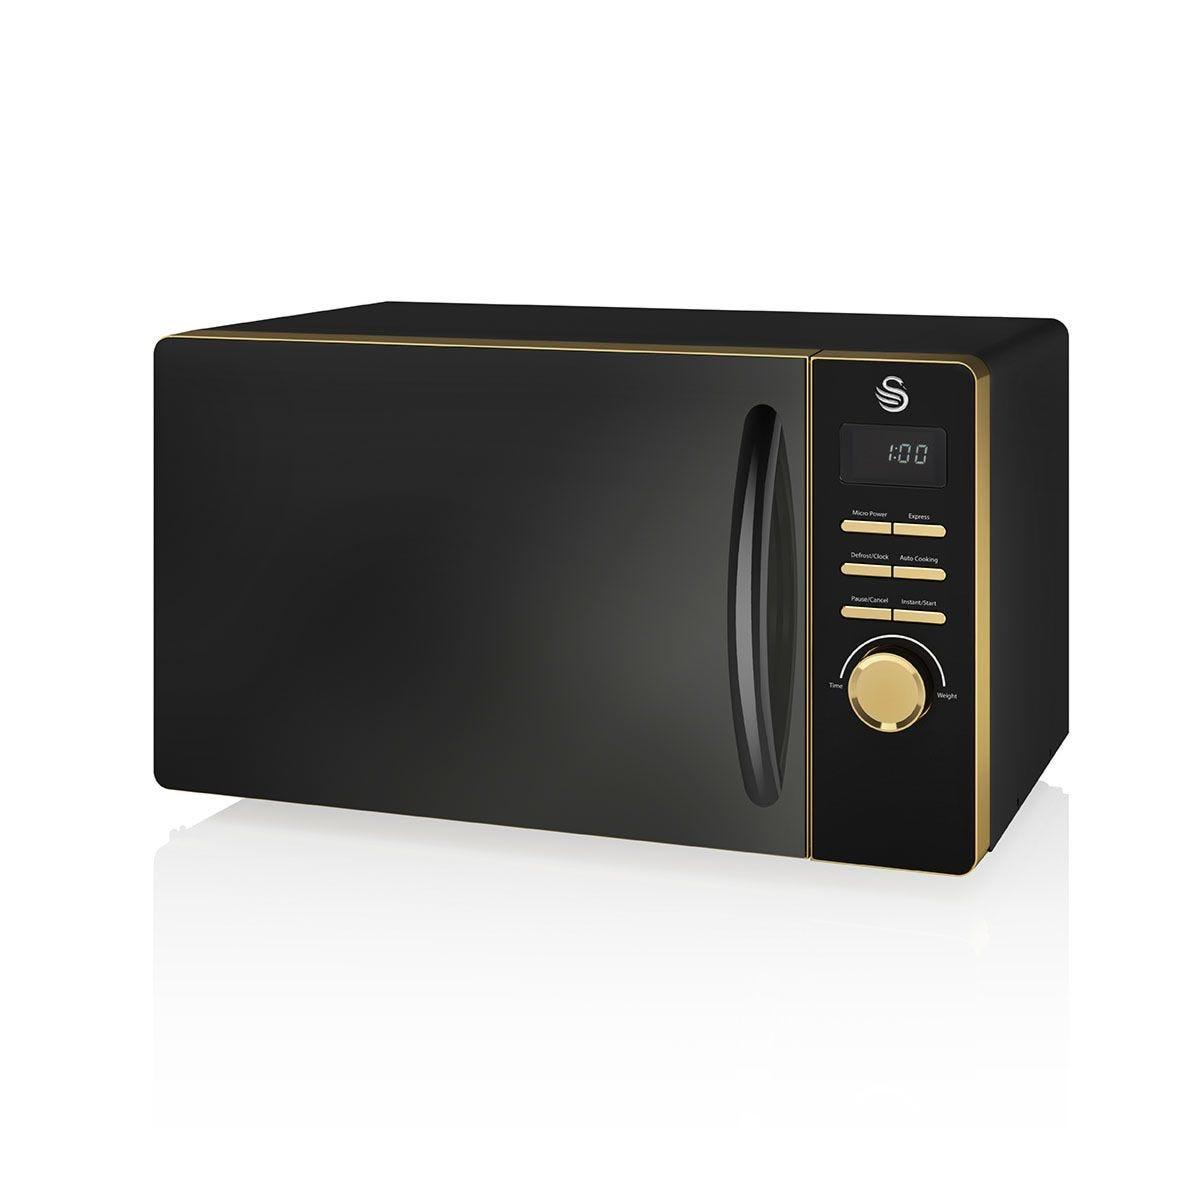 Swan SM22045BLKN Gatsby 800W Digital Microwave - Black